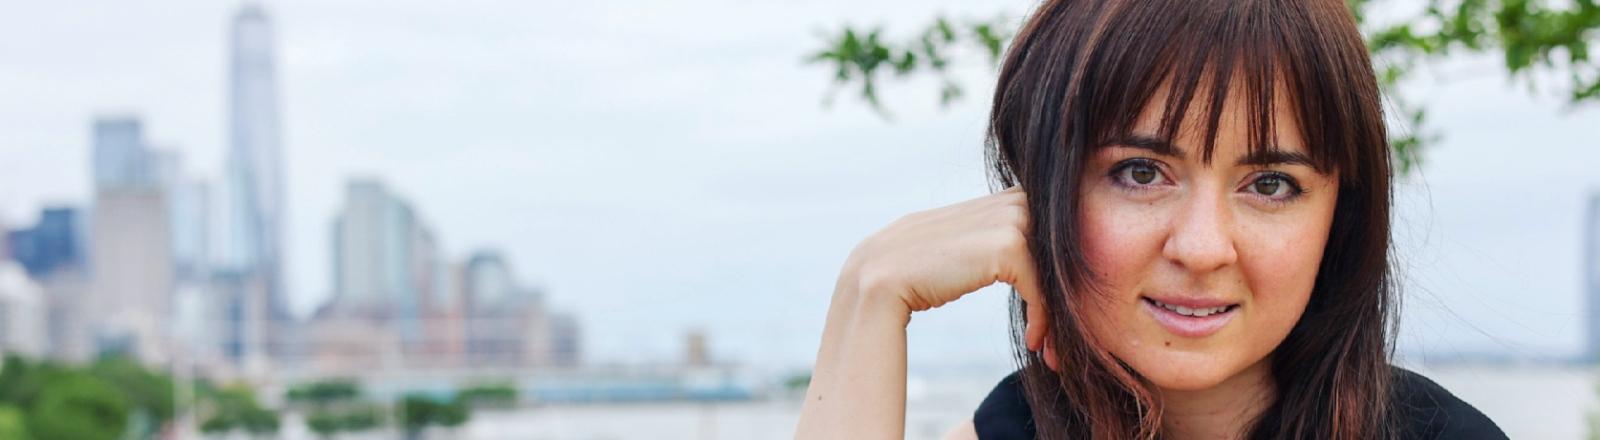 Die Gesprächspartnerin Paulina, eine brünette Frau Anfang 30, posiert vor der New Yorker Skyline